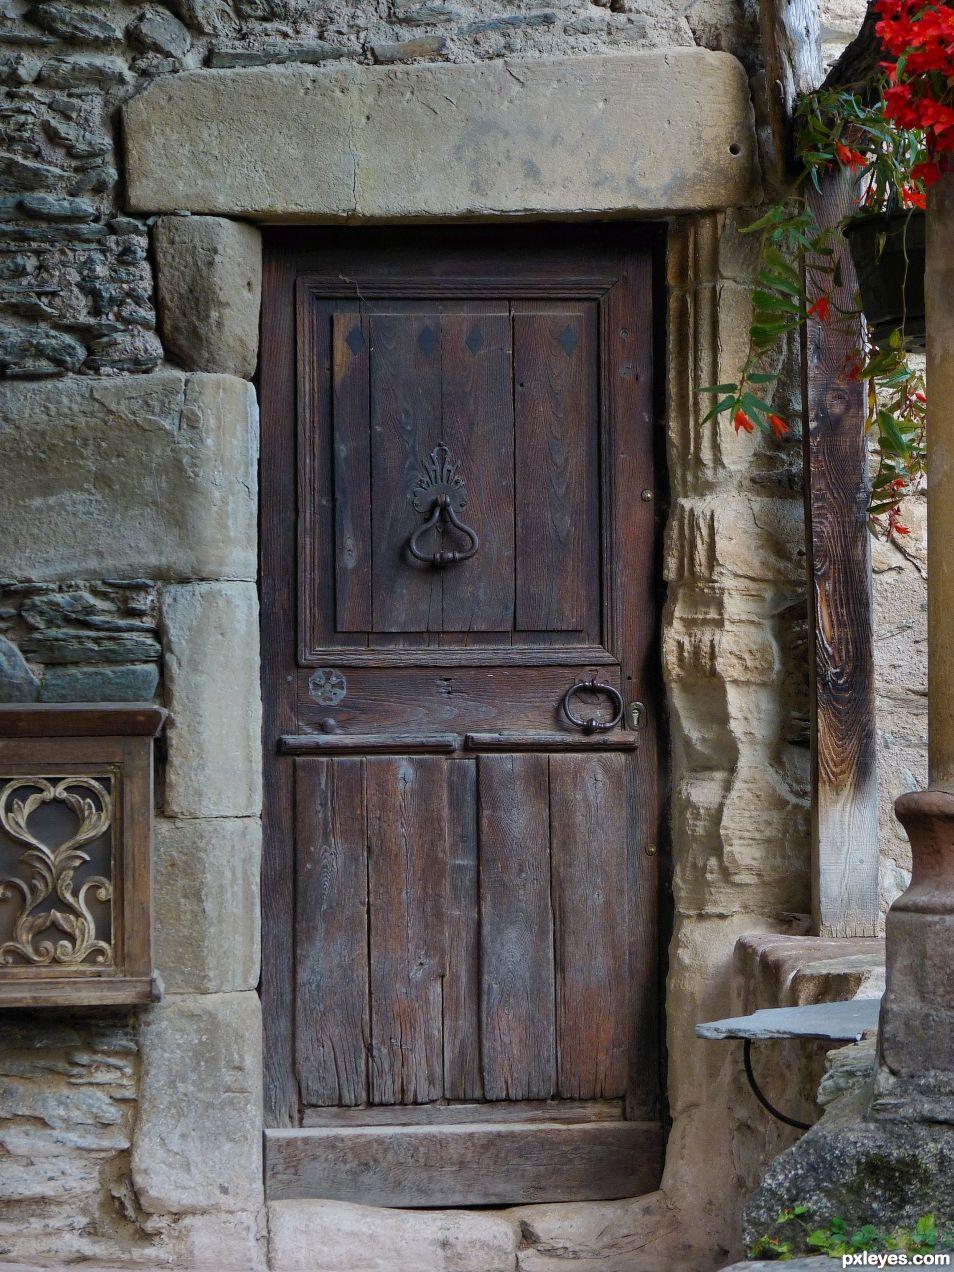 Old Stones, flowers and door